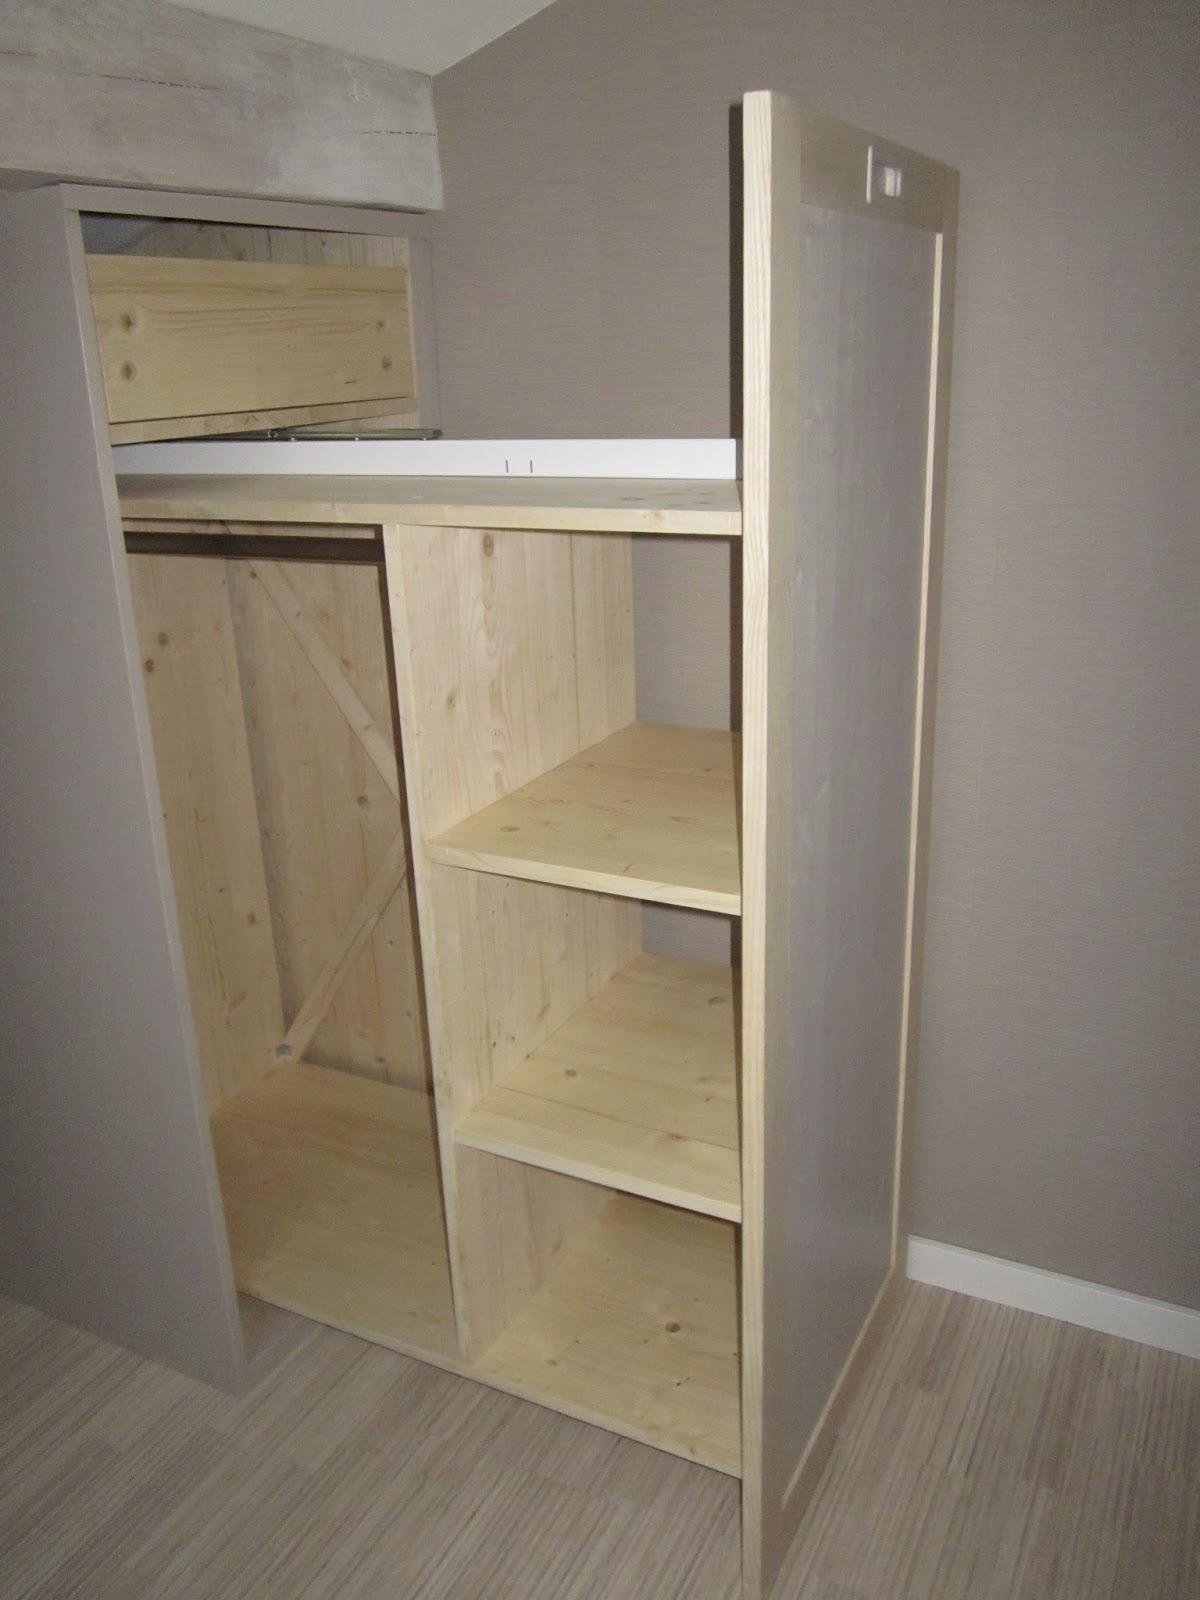 meubles a contre fil fabrication meubles sur mesure en bois haute savoie. Black Bedroom Furniture Sets. Home Design Ideas